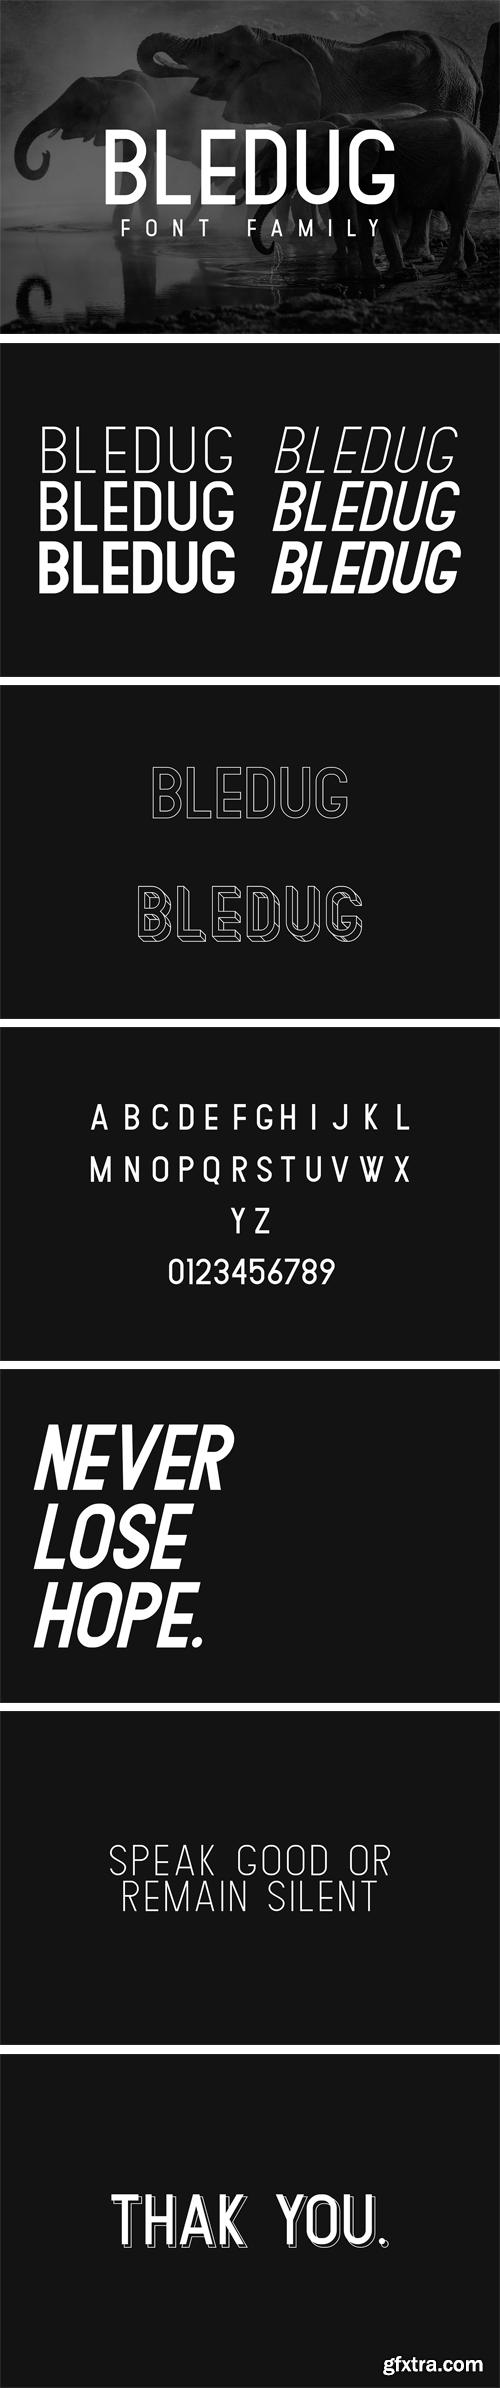 CM - Bledug Font Family 3015502